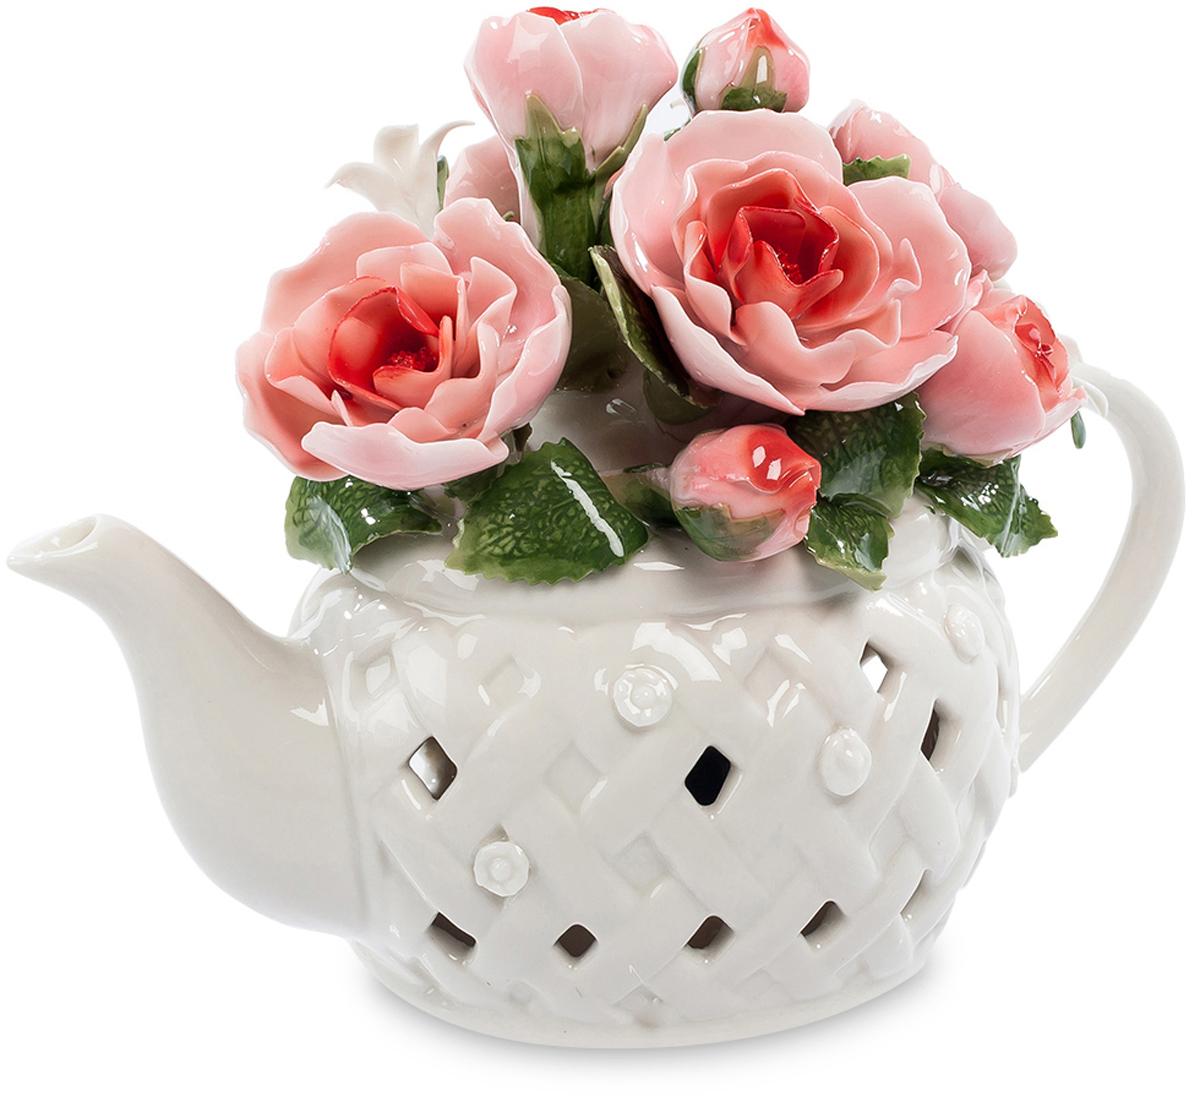 Музыкальная композиция Pavone Чайник с цветами. CMS-33/39FS-80299Музыкальнаякомпозиция Чайник с цветами (Pavone) Этот белый заварочный чайник на самом деле не предназначен для приготовления в нем чая. Он является основой для размещения прекрасной цветочной композиции из нескольких ало-розовых роз. Каждый фарфоровый лепесток кажется живым, на зеленых листиках видны прожилки, этот букет в чайнике выглядит очень красиво и способен в любое время года создать праздничное настроение. Но есть в чайнике и еще один секрет – в него встроен музыкальный механизм, который достаточно просто завести, чтобы полились звуки приятной музыки. Такой многоцелевой сувенир – превосходный подарок, украшающий комнату и радующий слух.